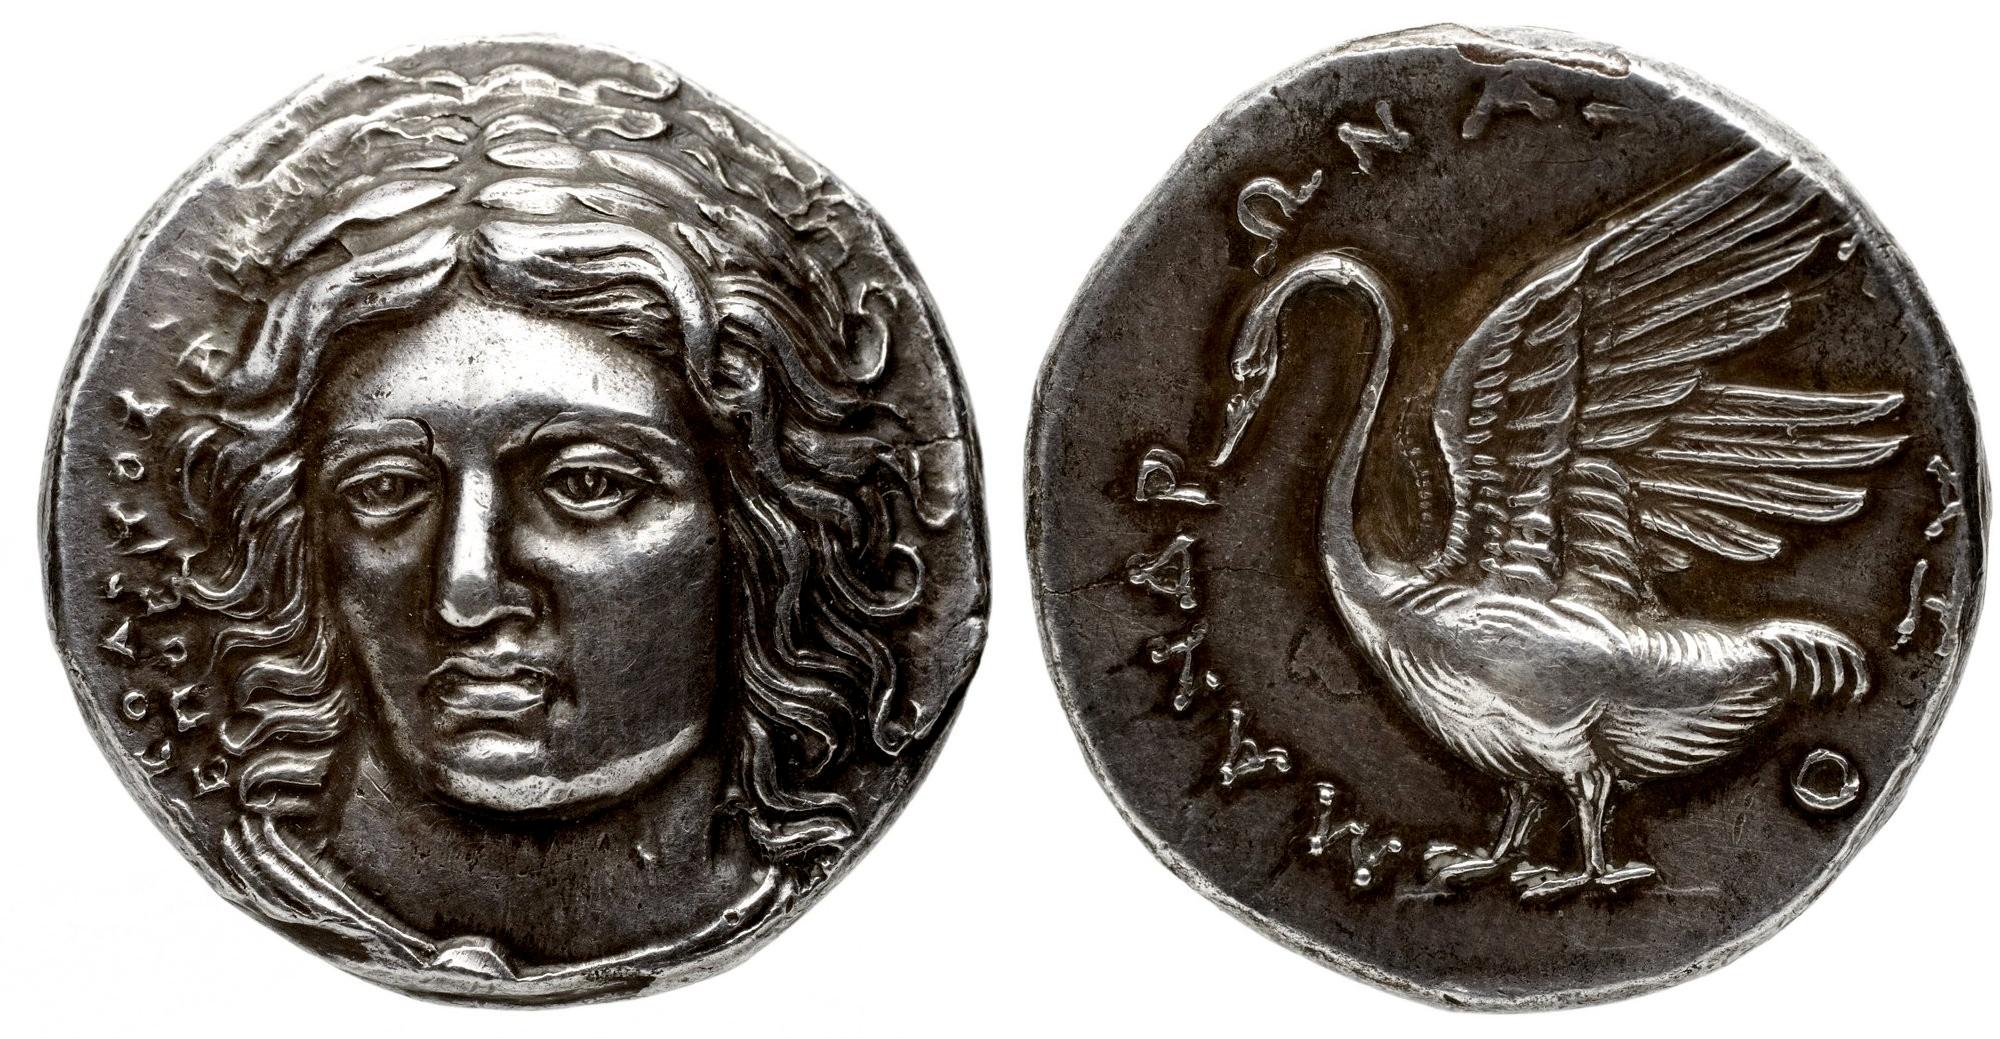 monnaie antique grecque